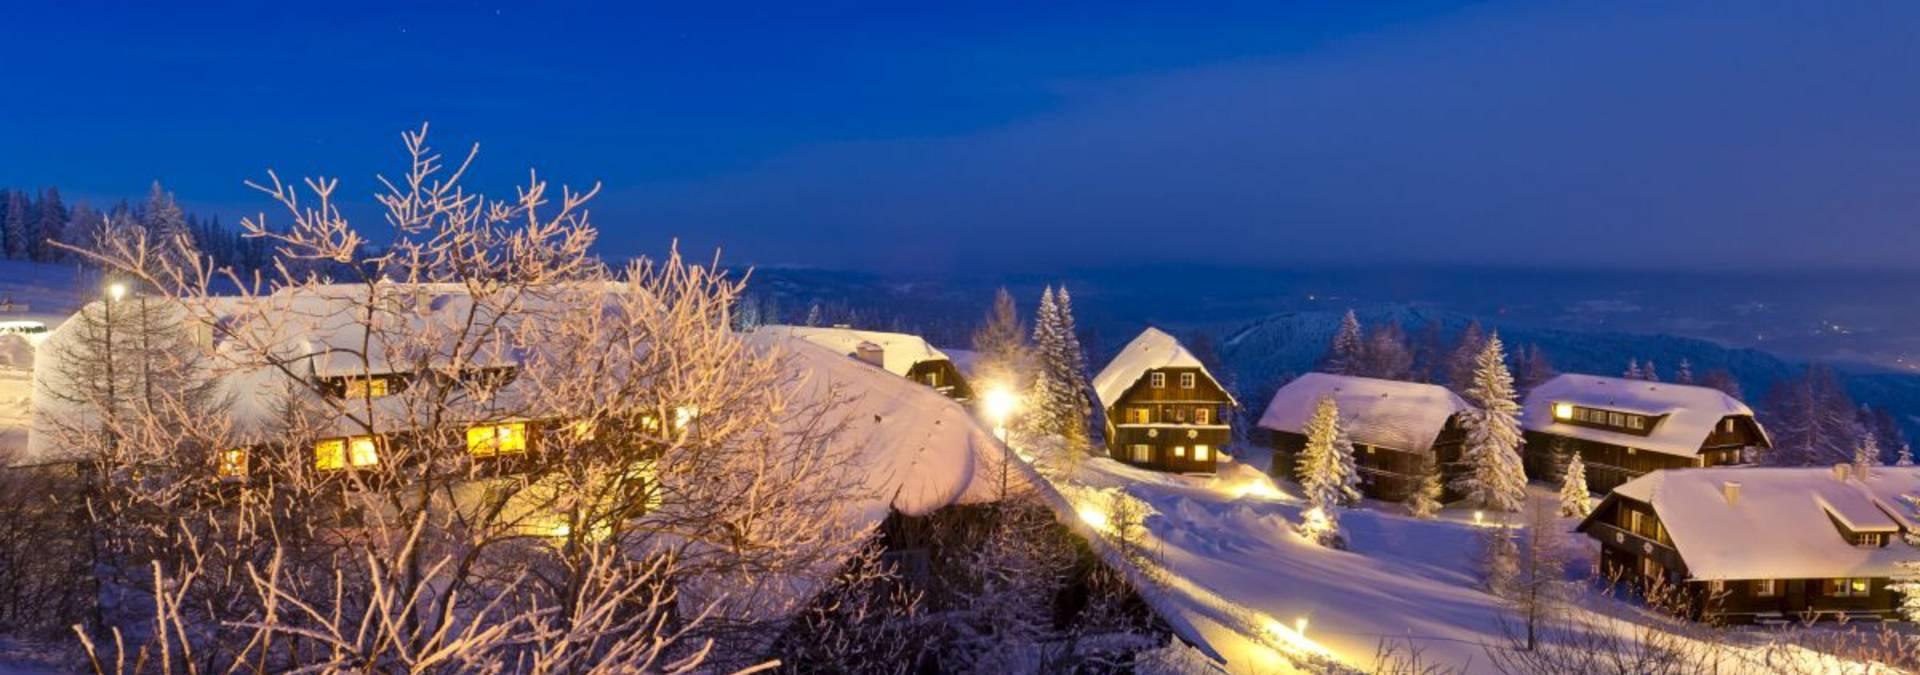 Skihütten in dämmriger Atmosphäre.